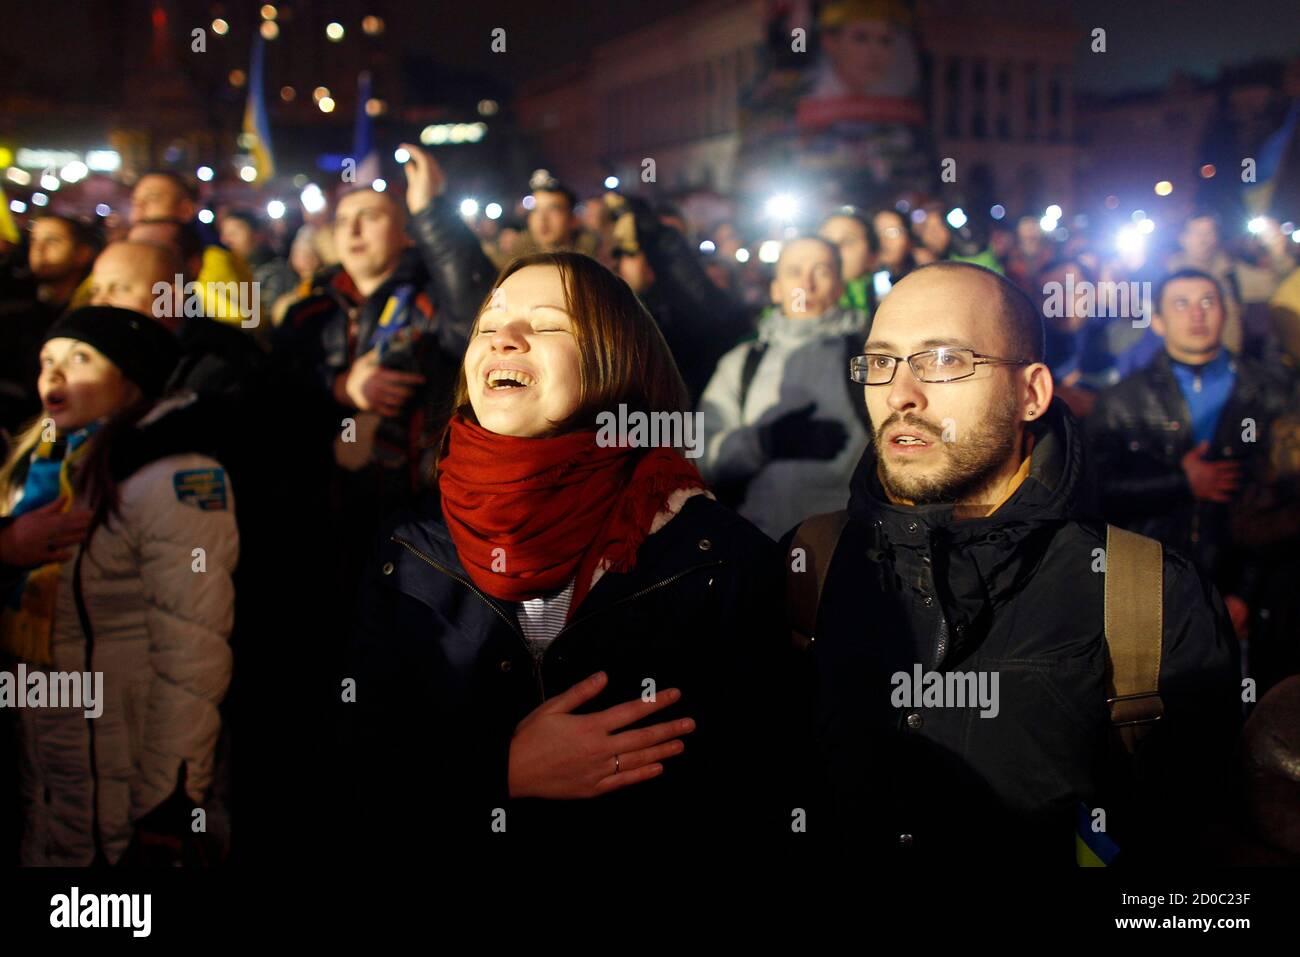 Igor Skliarevsky y su esposa Elena cantan el himno nacional durante una reunión pro-europea en la Plaza de la Independencia en Kiev, el 17 de diciembre de 2013. De día, Igor Skliarevsky trabaja como diseñador gráfico. Por la noche, es un manifestante anti-gubernamental, a veces manejando las barricadas en la capital nevada de Ucrania. El joven de 36 años entrega mapas para los compañeros manifestantes, dirigiéndolos a puestos médicos o cocinas. También creó un sitio web que coordinaba alimentos, ropa de abrigo y otros suministros para los acampados en la Plaza de la Independencia de Kiev. Foto tomada el 17 de diciembre de 2013. REUTERS/Vasily Fedosenko (UCRANIA - Foto de stock